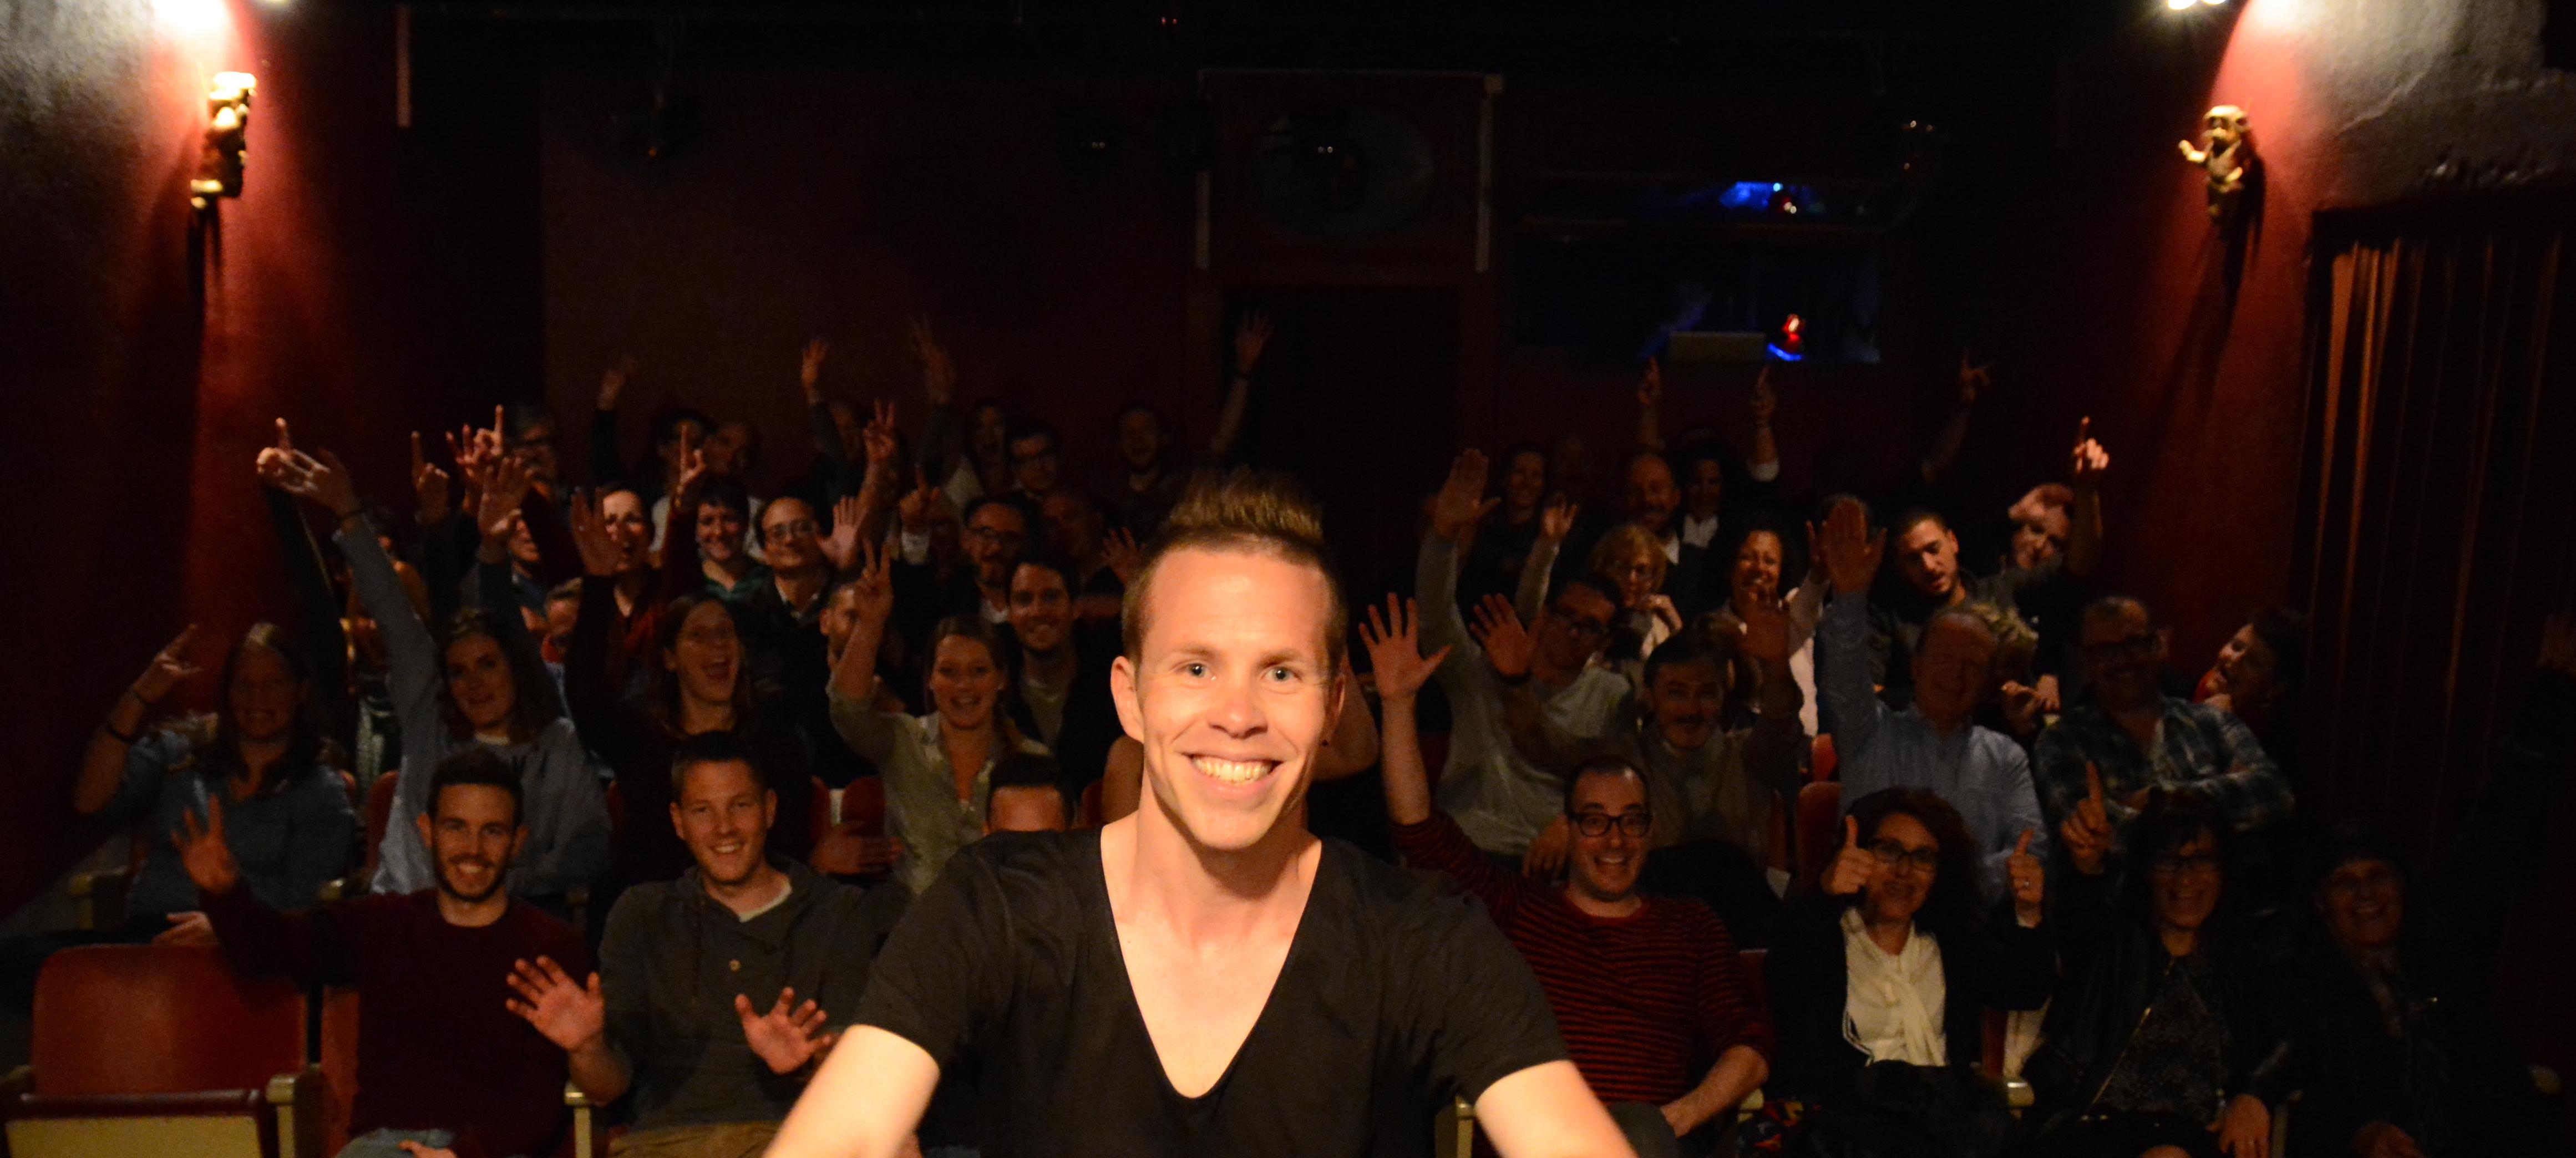 Mirko Rochat - Supermâle au Théâtre du Vide Poche à Lausanne